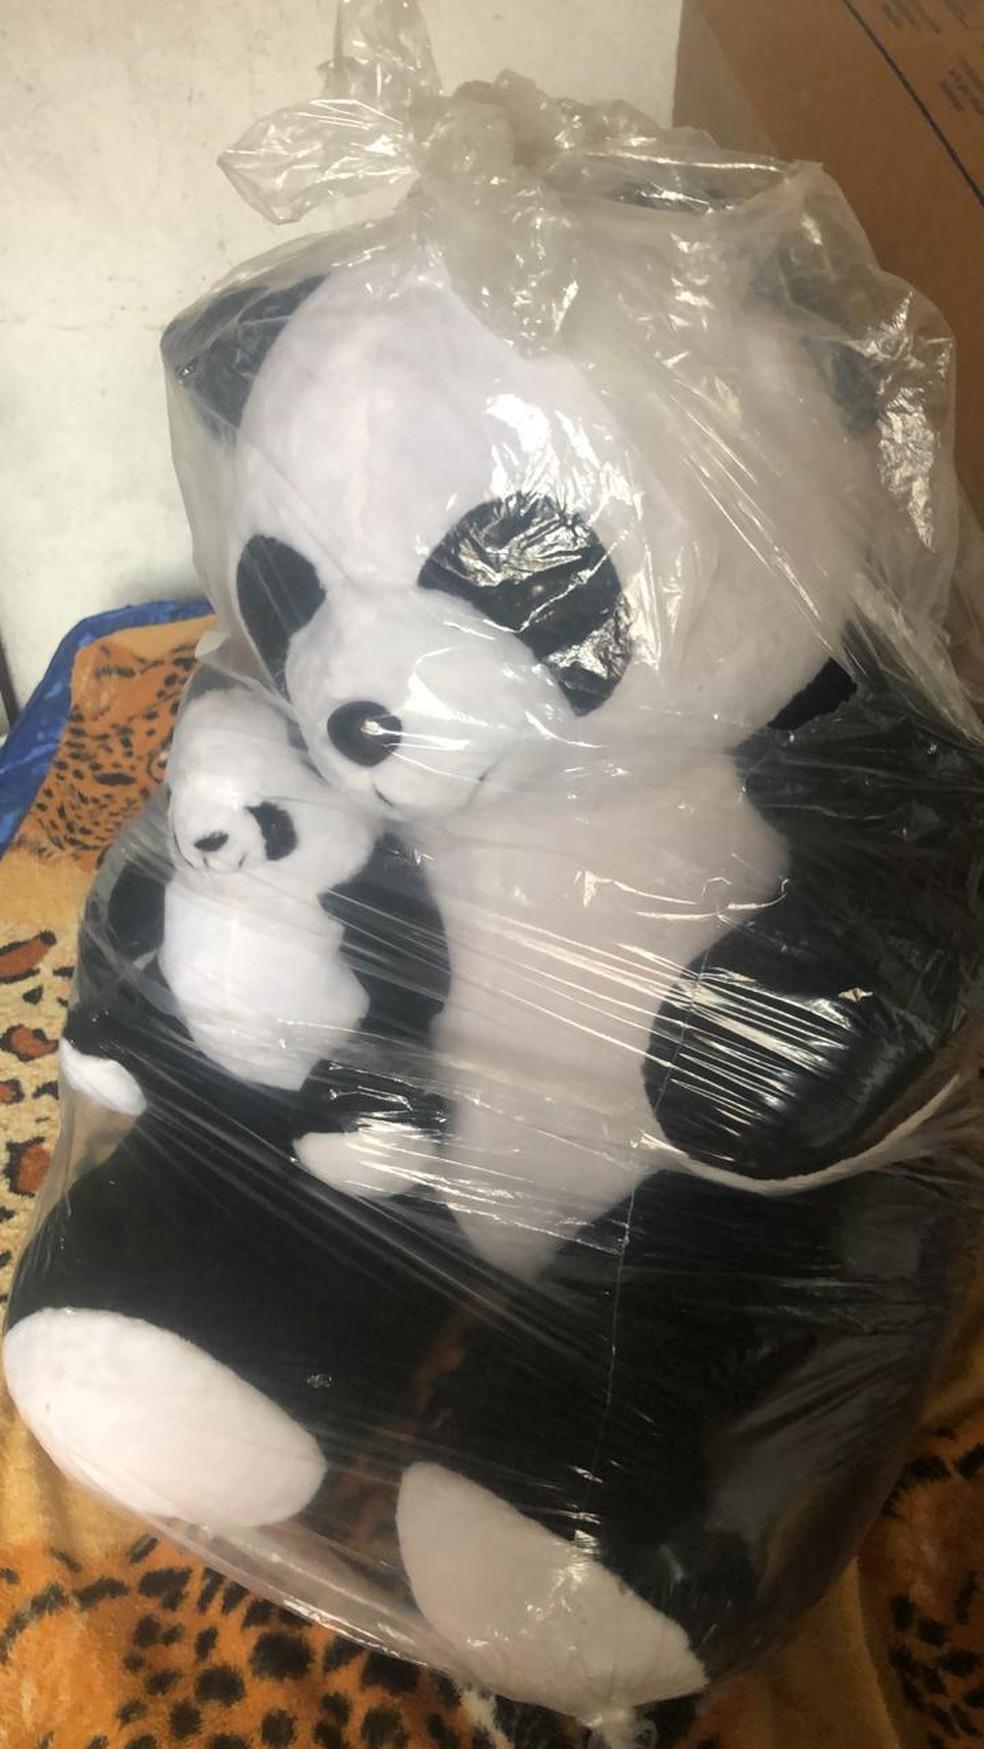 Urso usado como isca, segundo a polícia, para convencer a menina a ir à casa do suspeito — Foto: Reprodução/PCERJ